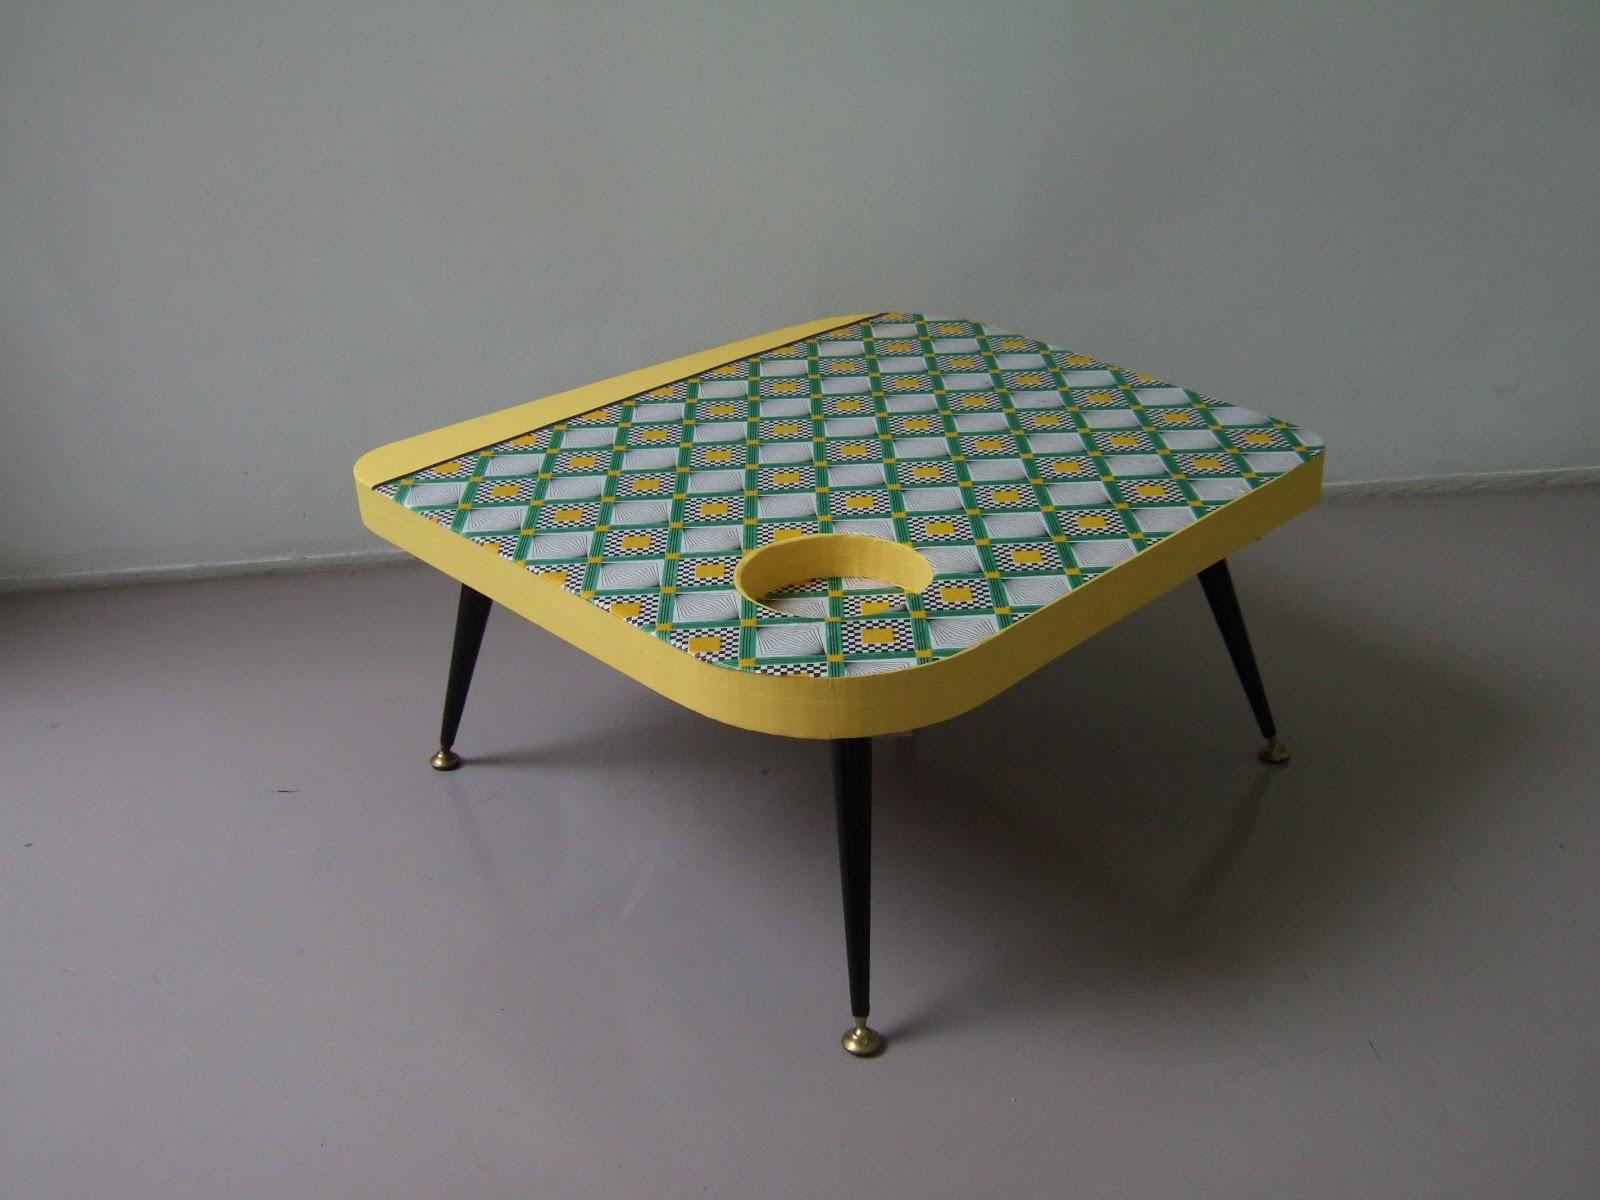 table basse en carton avec pieds en métal. table basse en carton motif géométrique fabriquée à marseille par juliadesgn